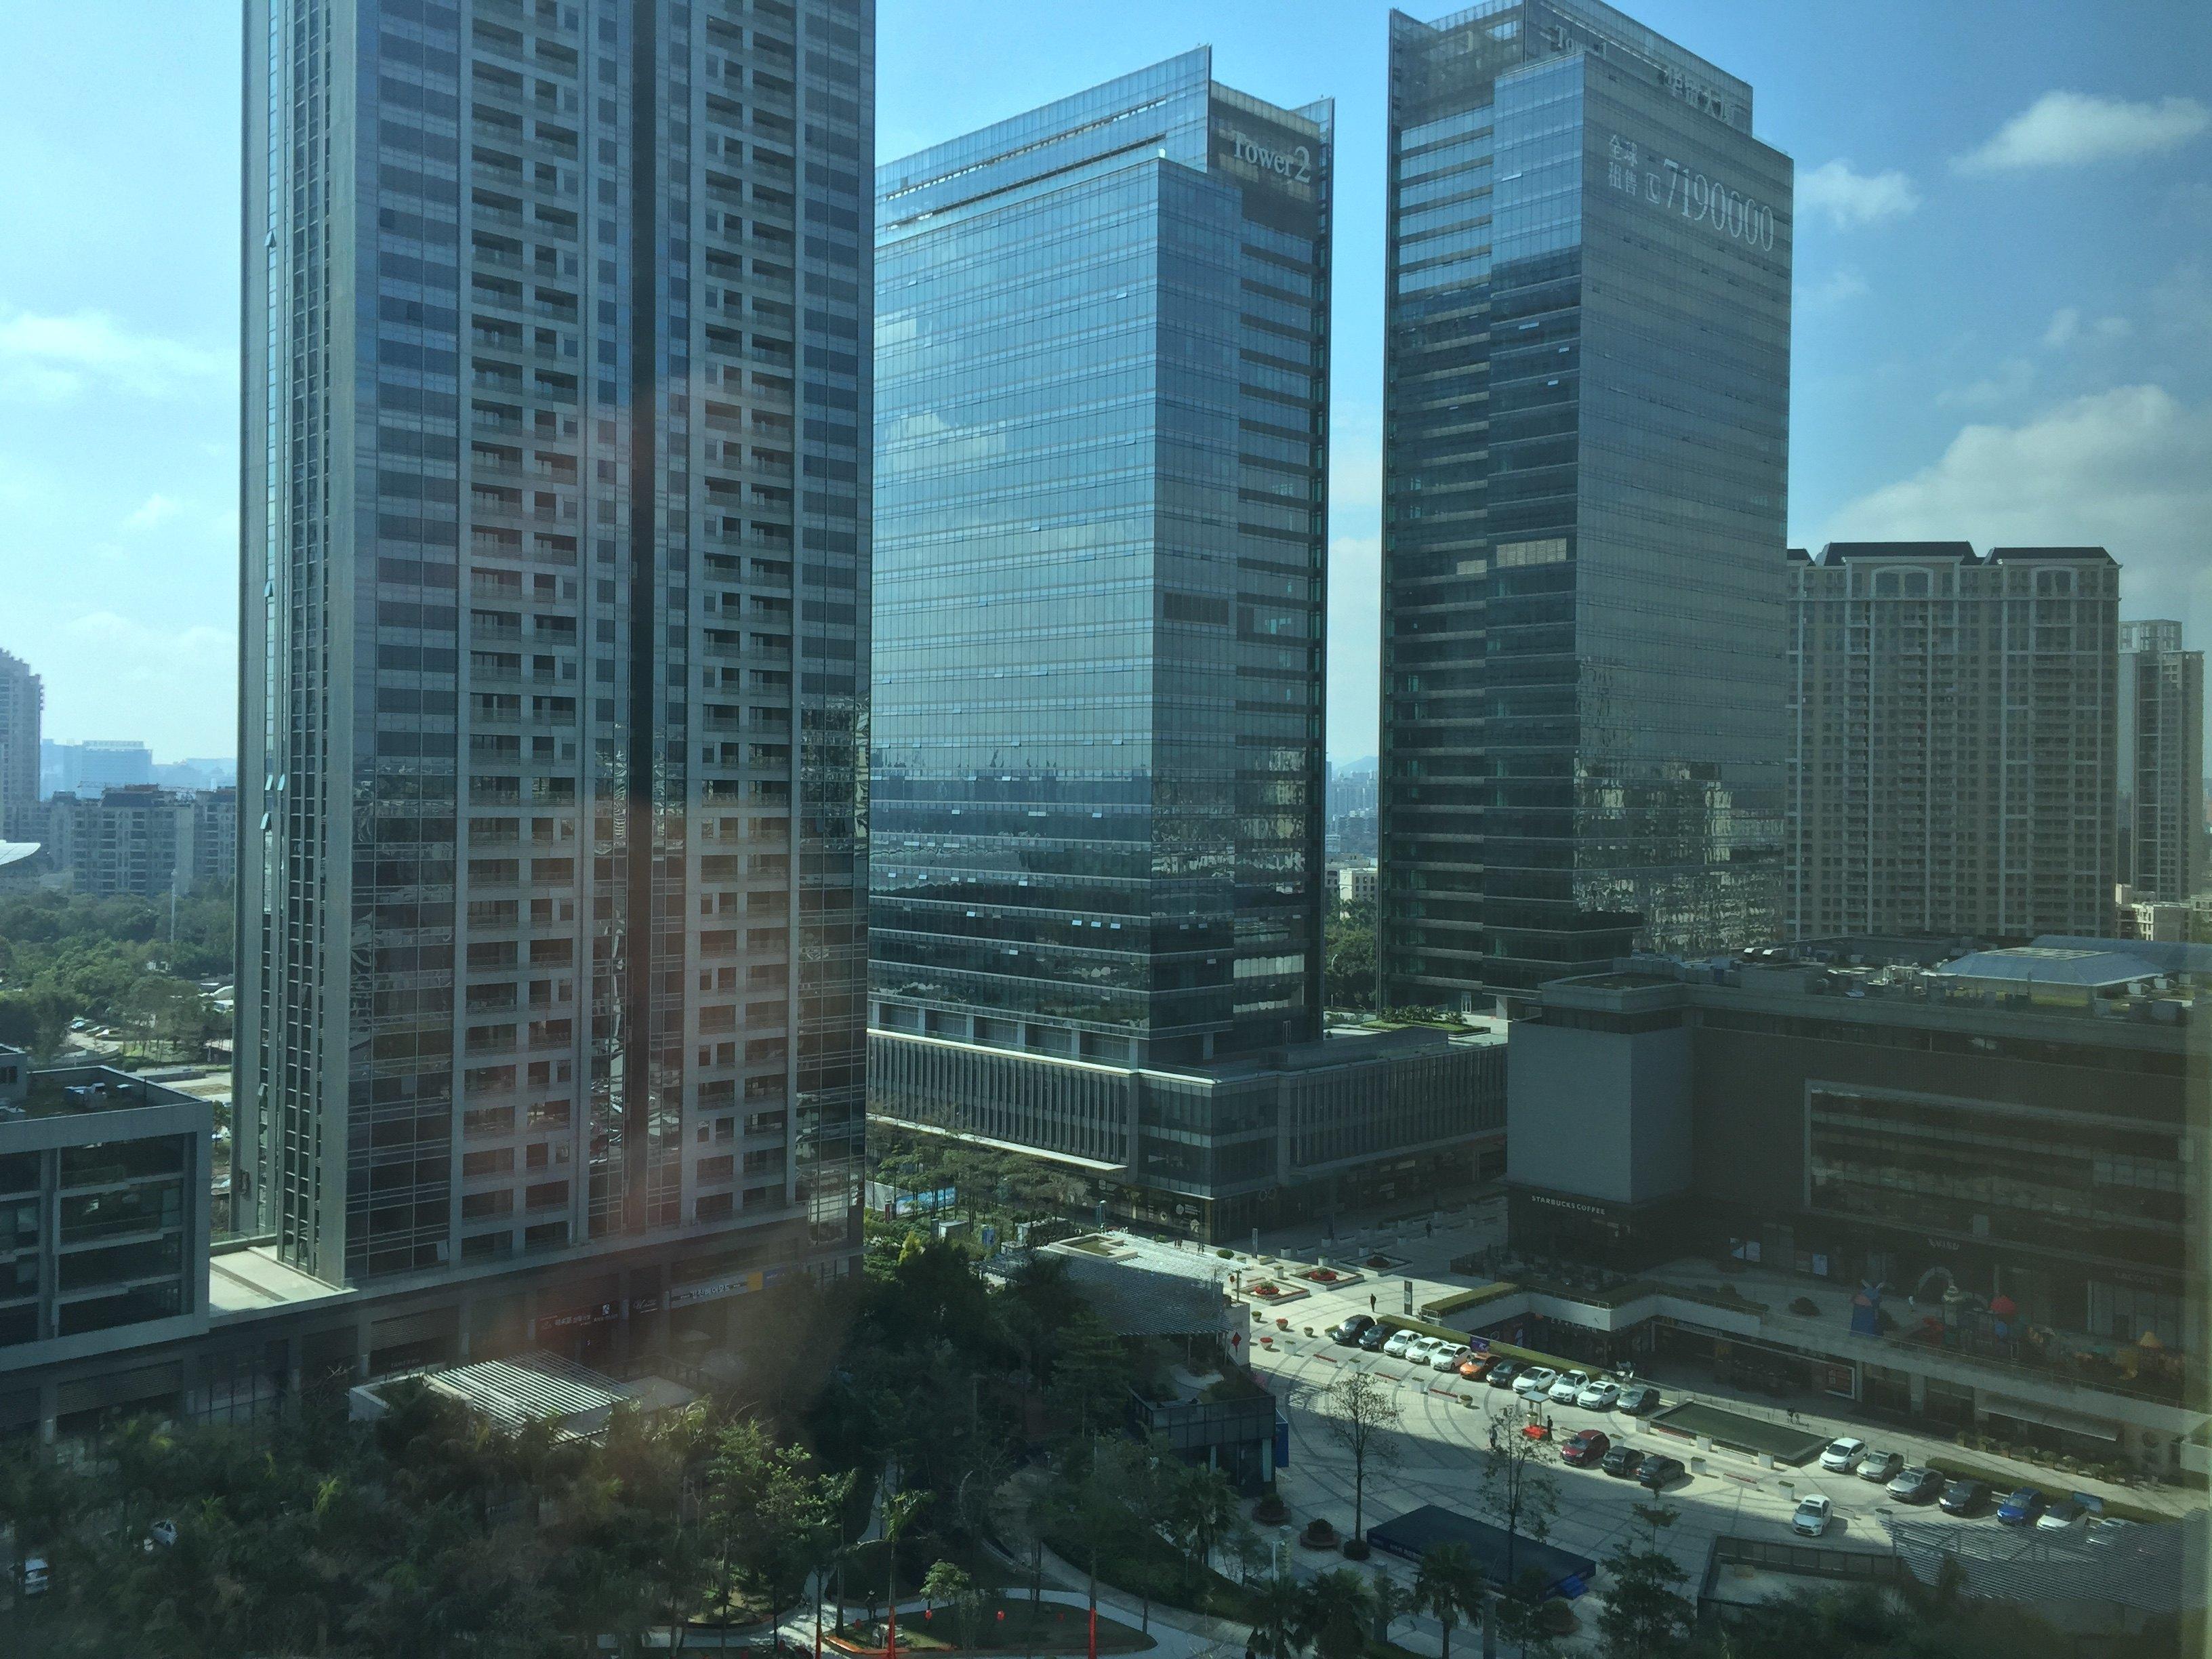 深港酒店公寓(惠州华贸中心店)图片